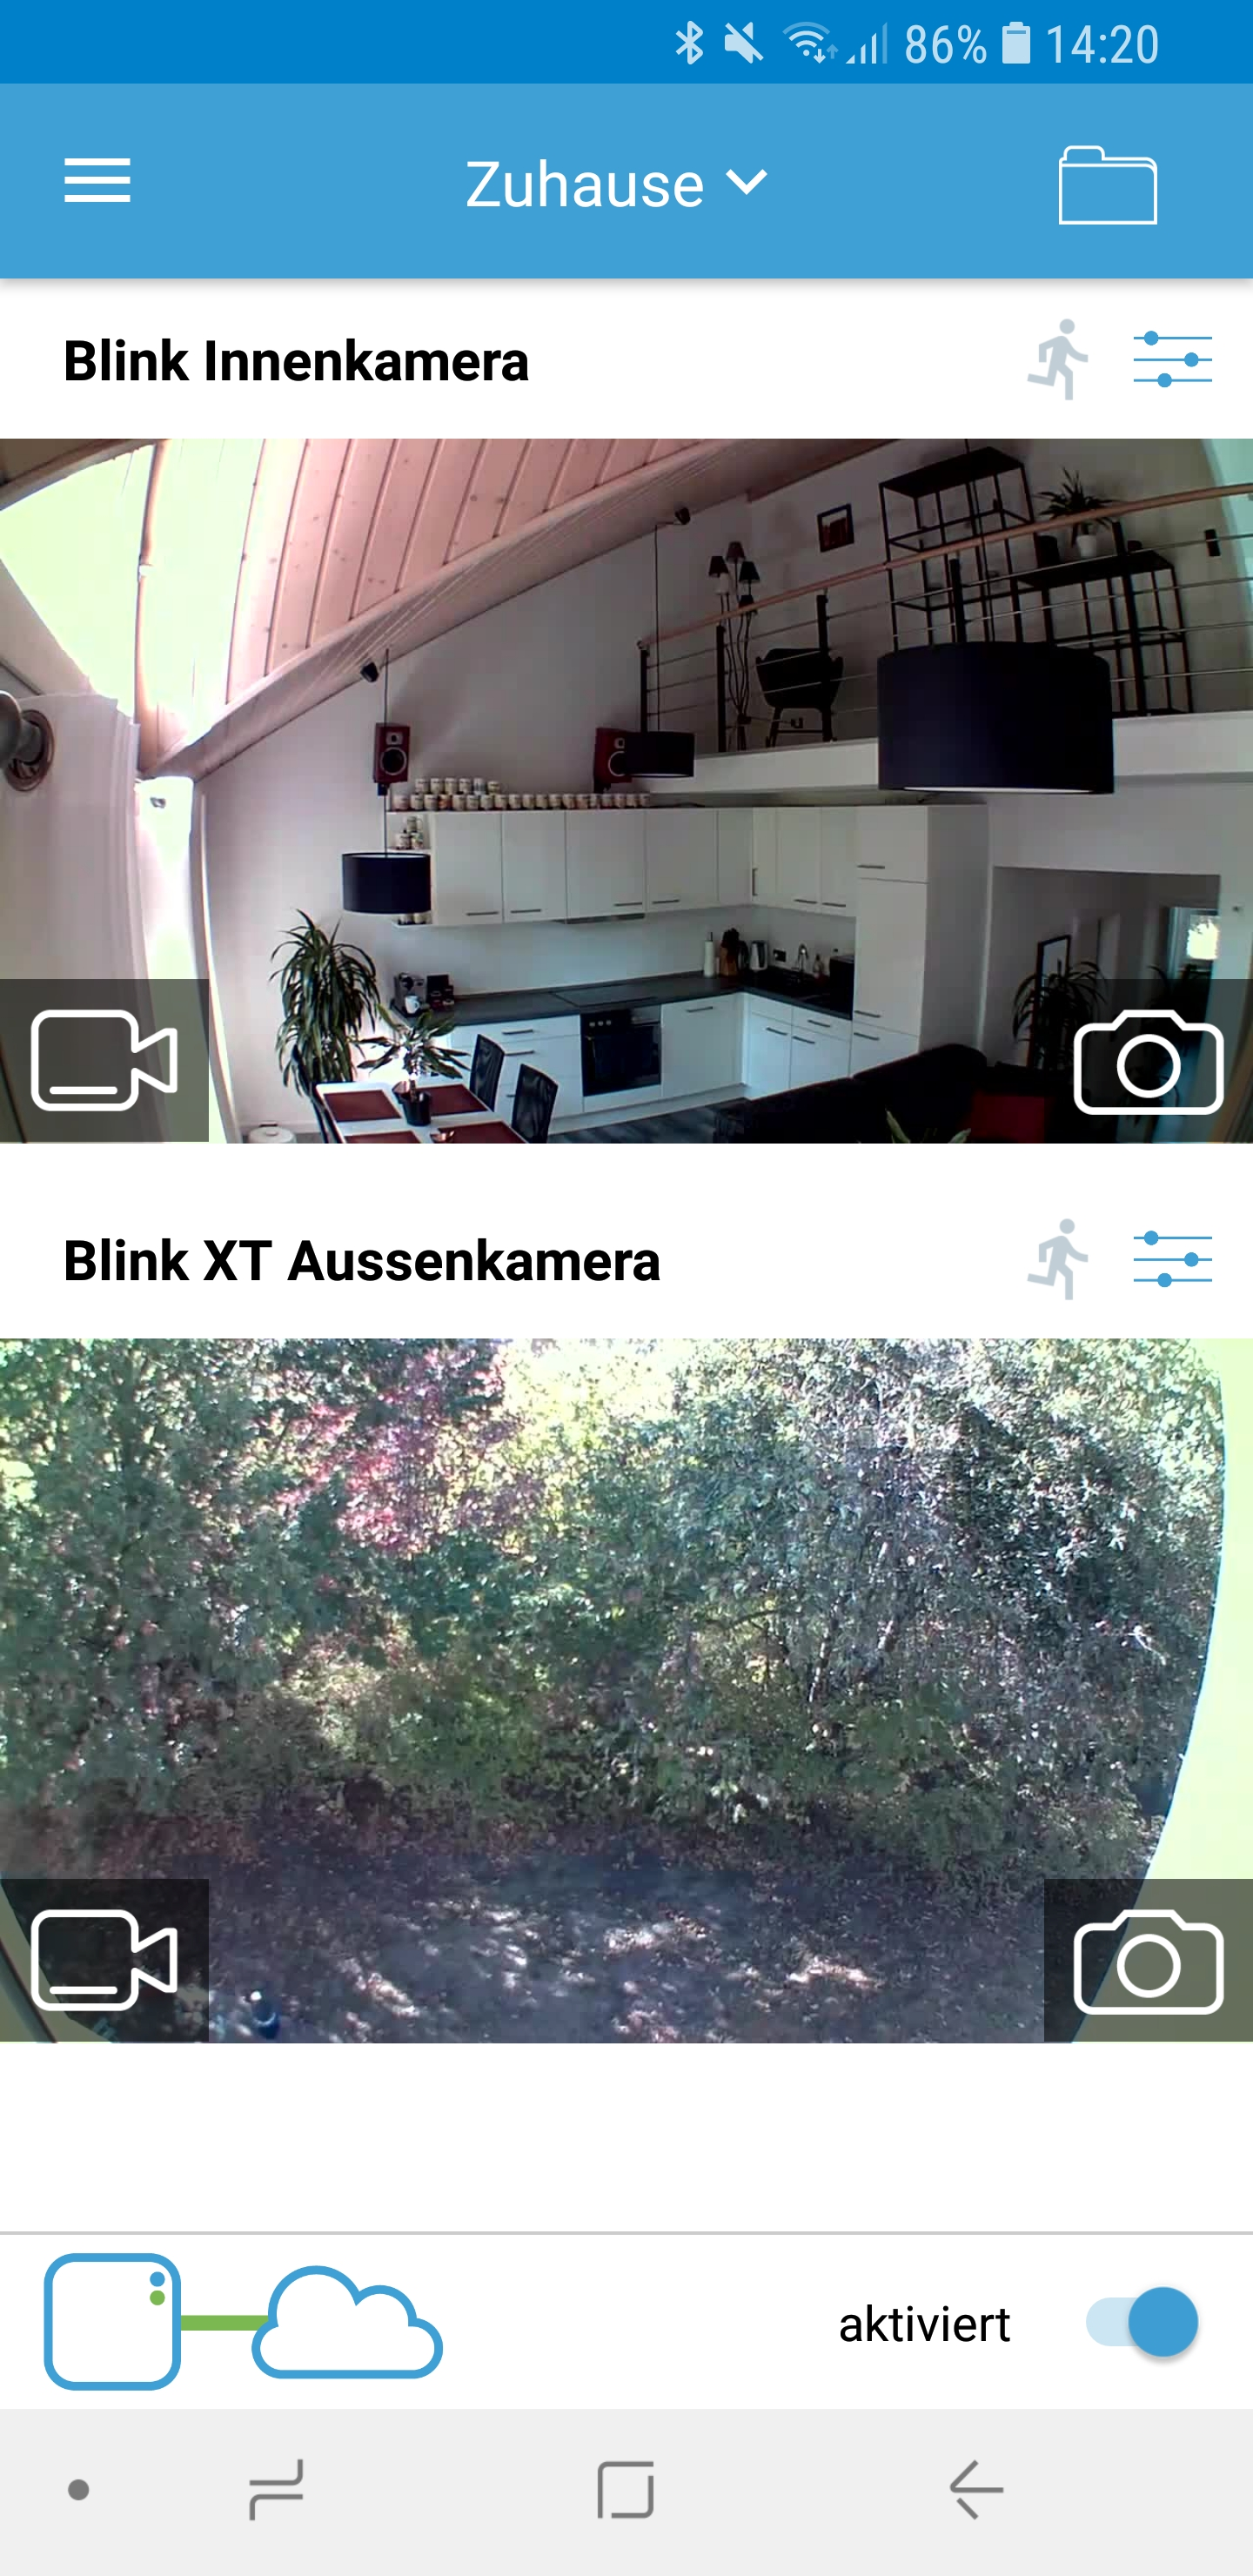 Blink XT App 09